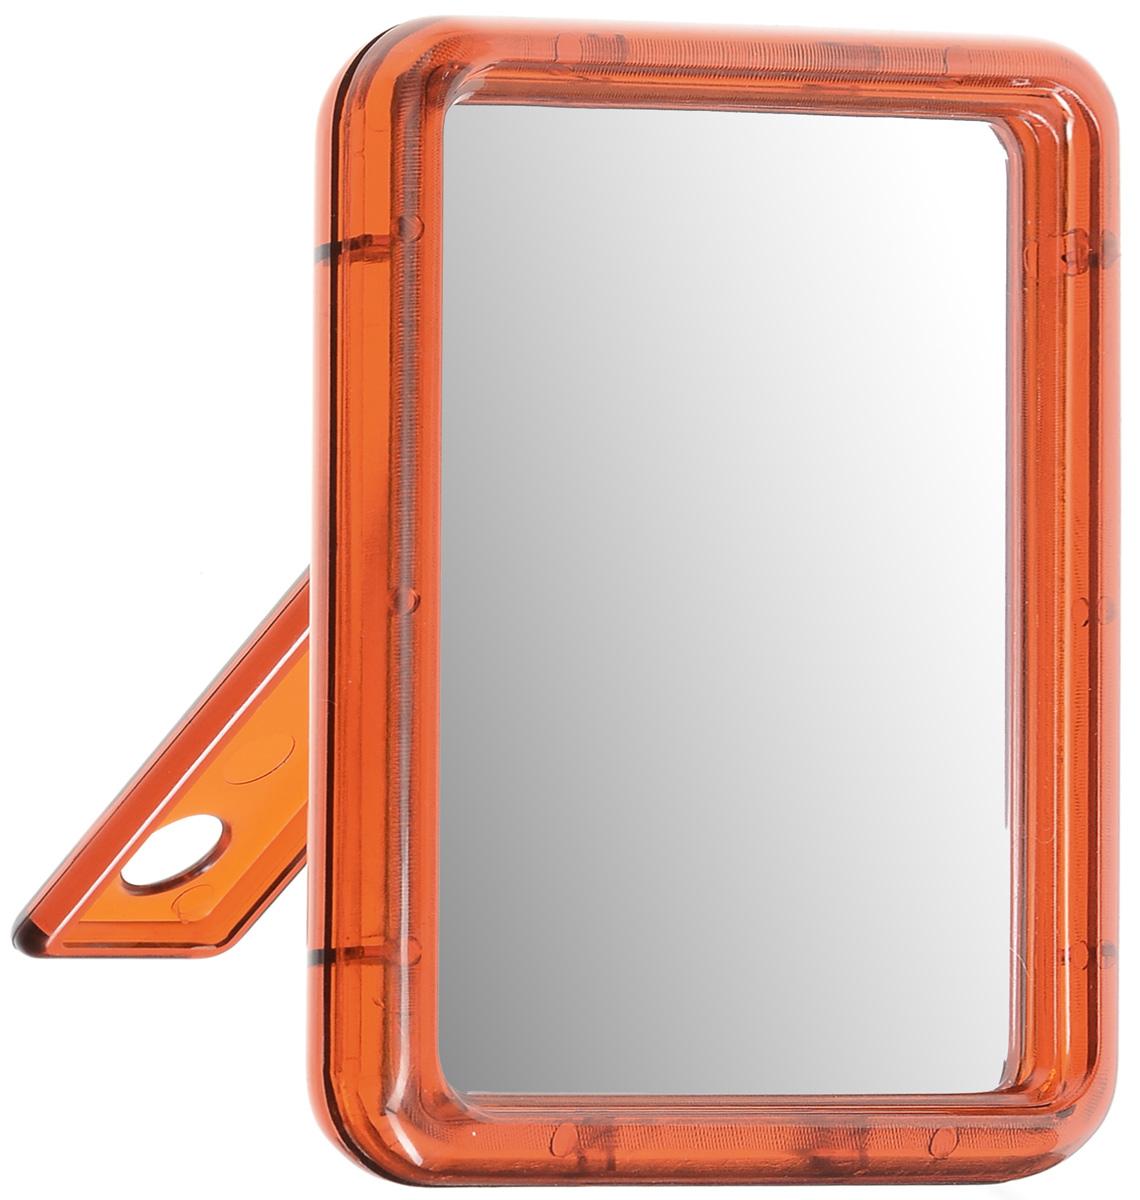 Зеркало настольное Silva, одностороннее, 10 х 13 см1301210Настольное косметическое зеркало Silva в пластиковом корпусе идеально подходит для нанесения макияжа и совершения различных косметических процедур. Одностороннее зеркало с регулируемым углом наклона позволит вам установить его так, как это удобно вам. Яркий и стильный дизайн делает зеркало отличным подарком родным и близким, оно будет прекрасно смотреться в любом интерьере.